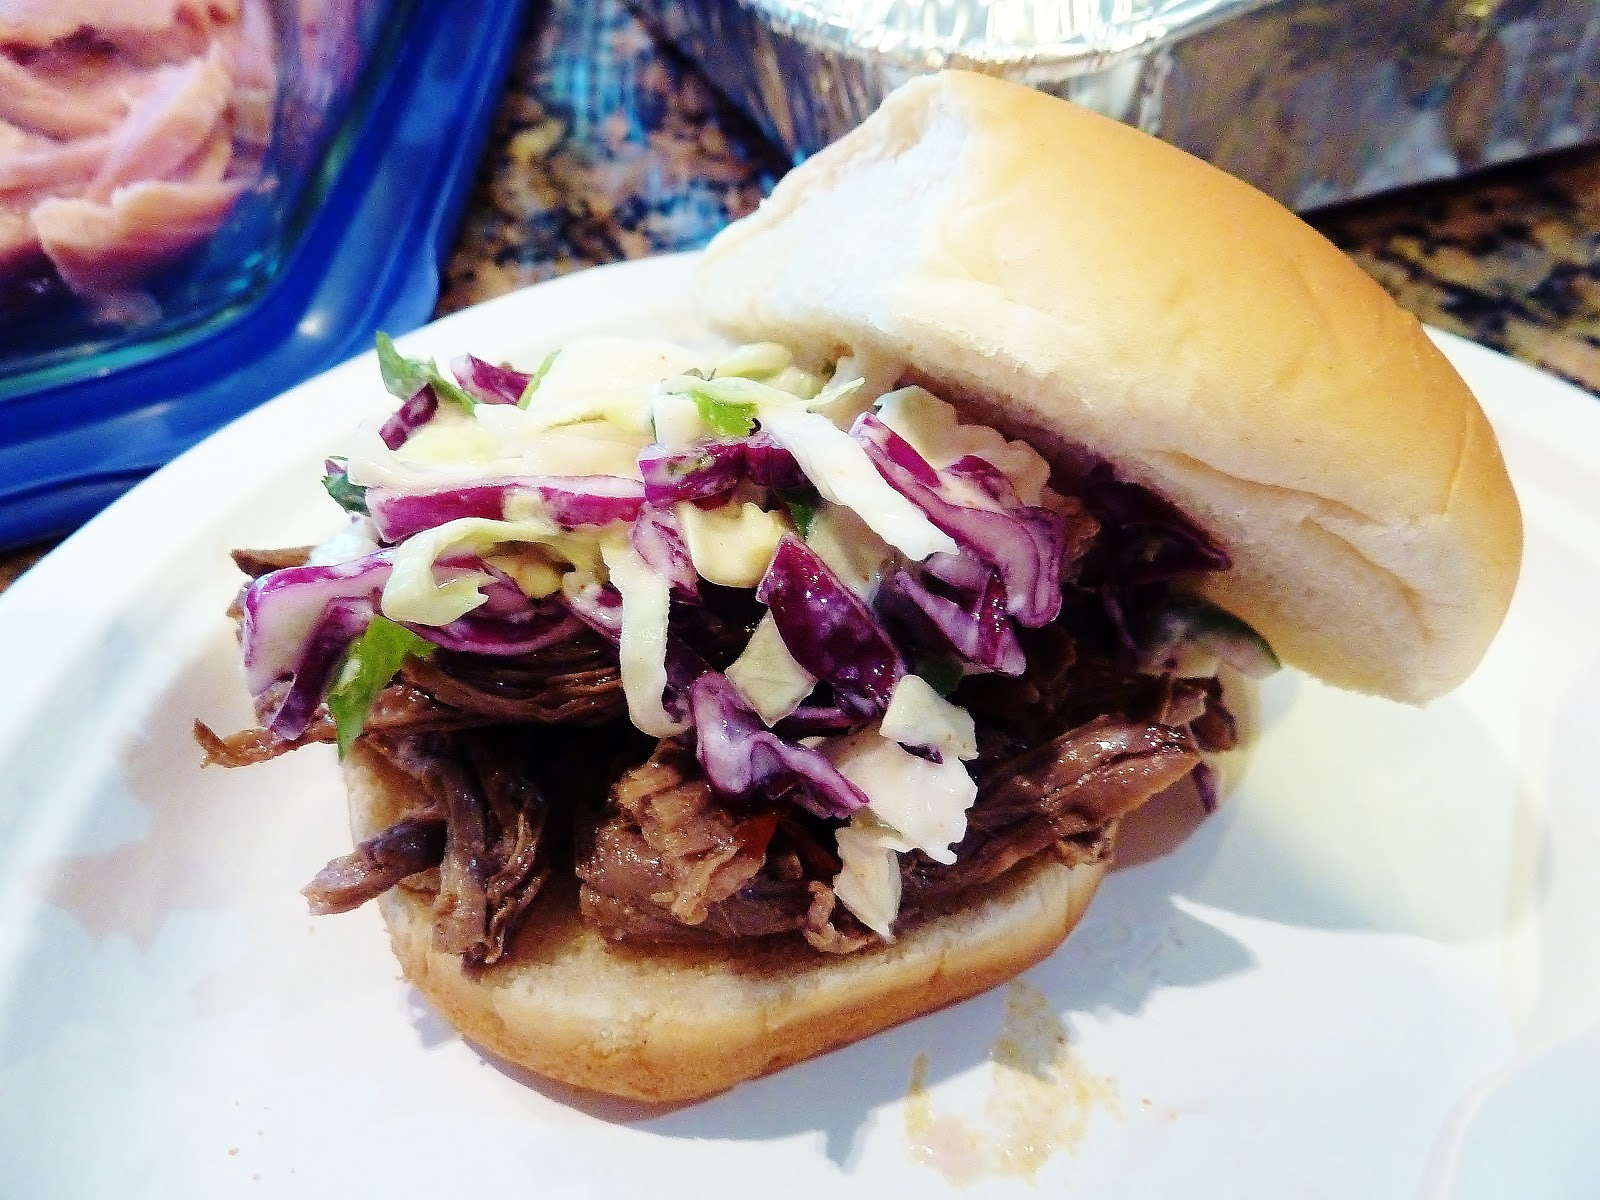 ... Kitchen Chronicles: Pork Sandwiches with Cilantro-Jalapeno Slaw